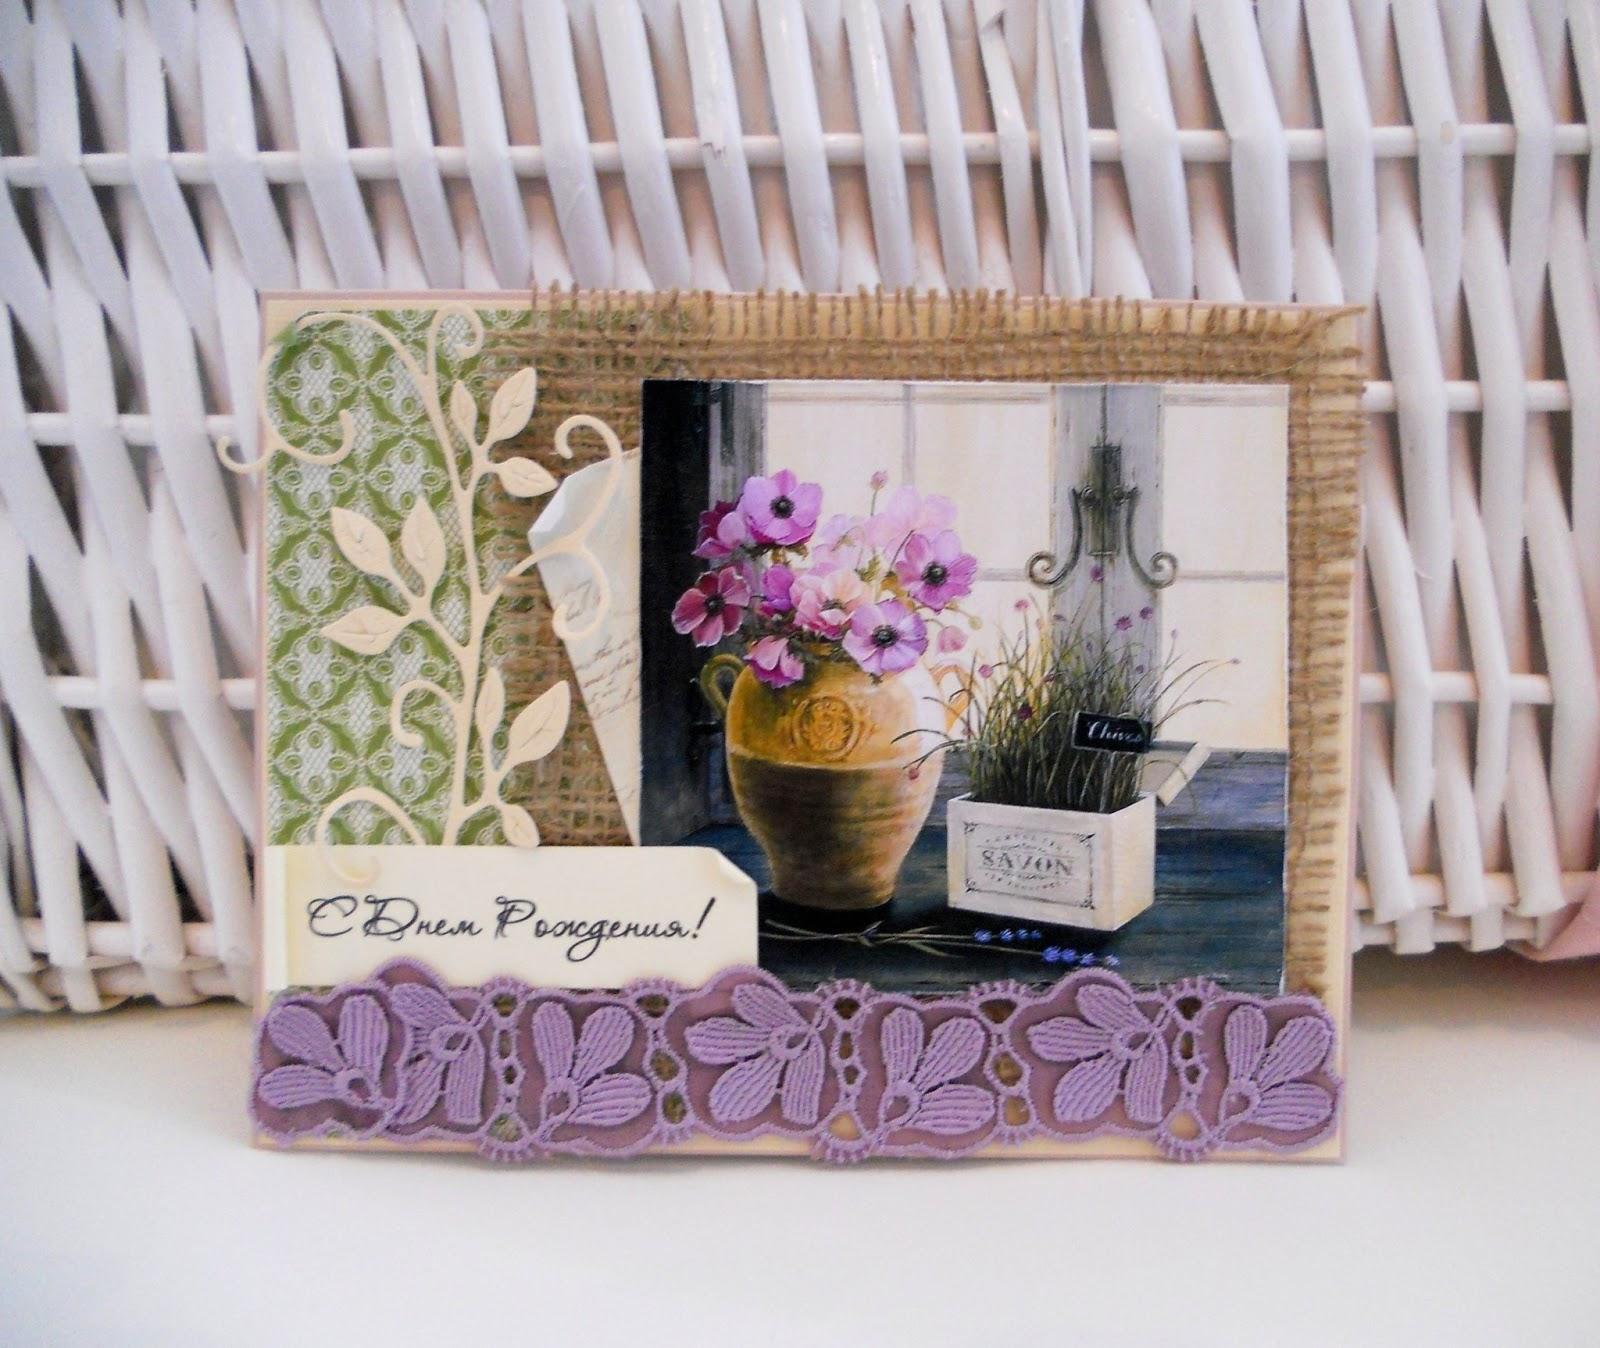 Цветы для оформление интерьера - купить в интернет-магазине 43